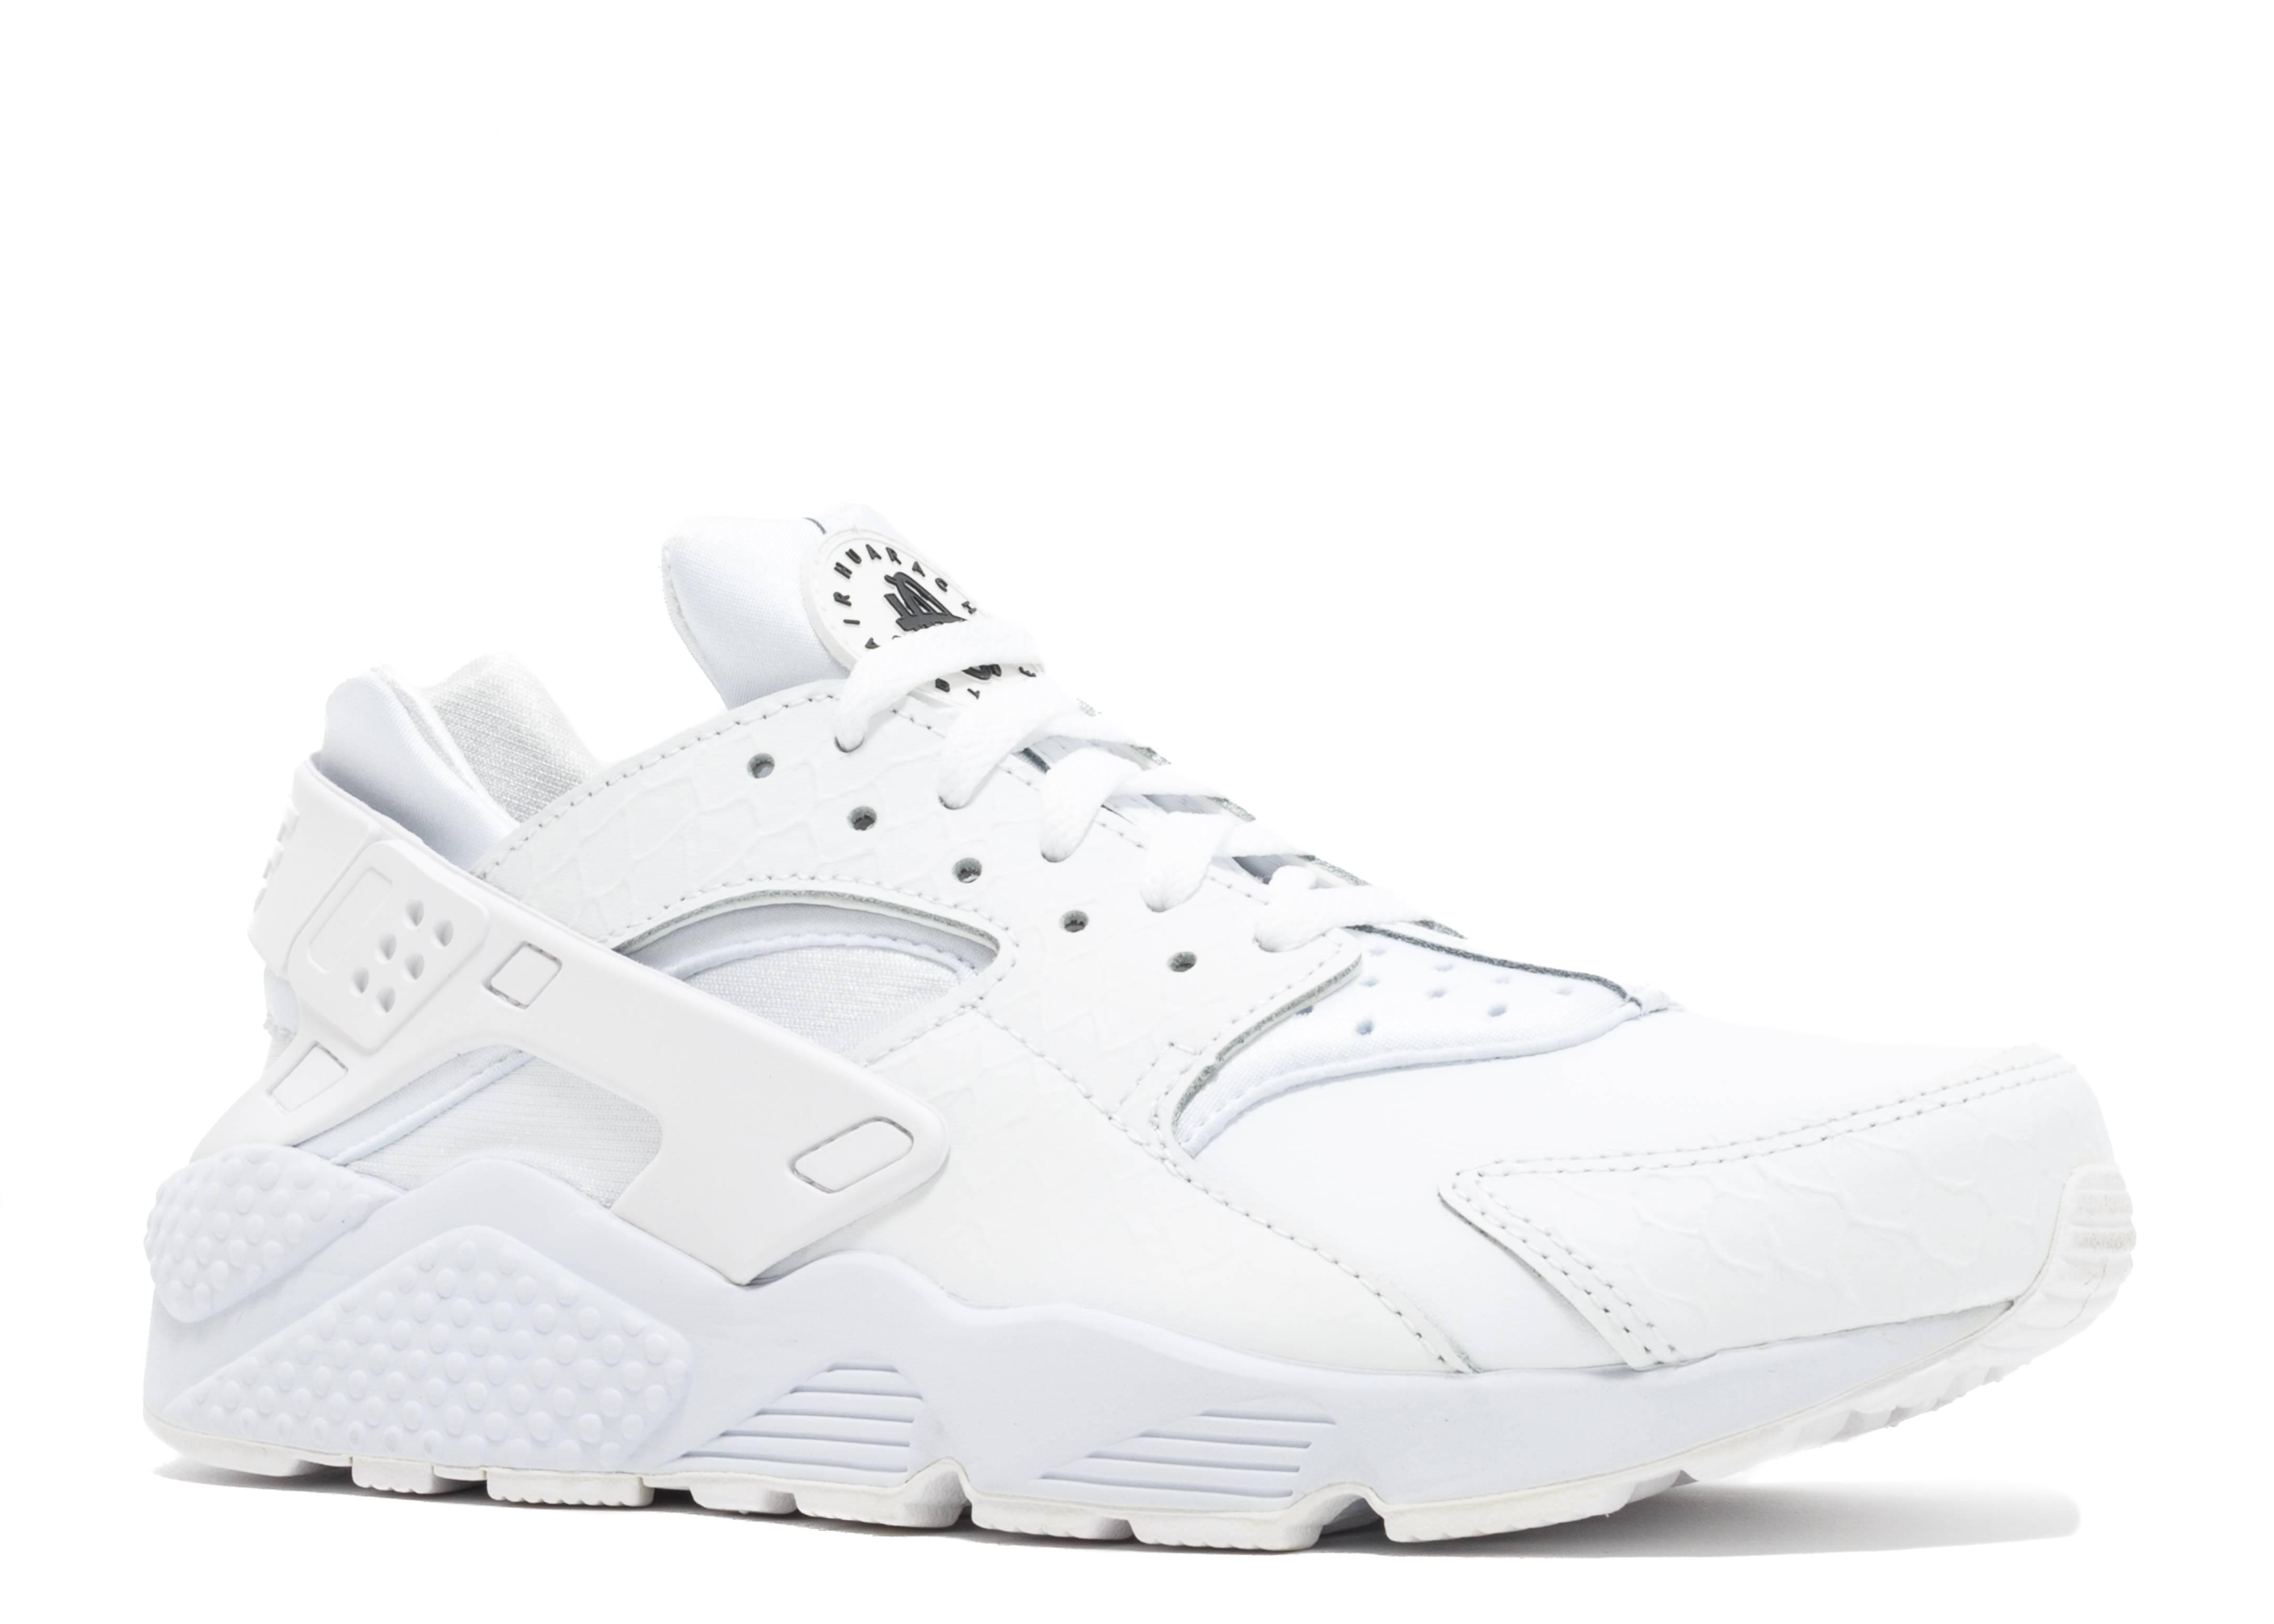 7ec81f4142ee Nike Air Huarache Run Prm White Black 704830-100